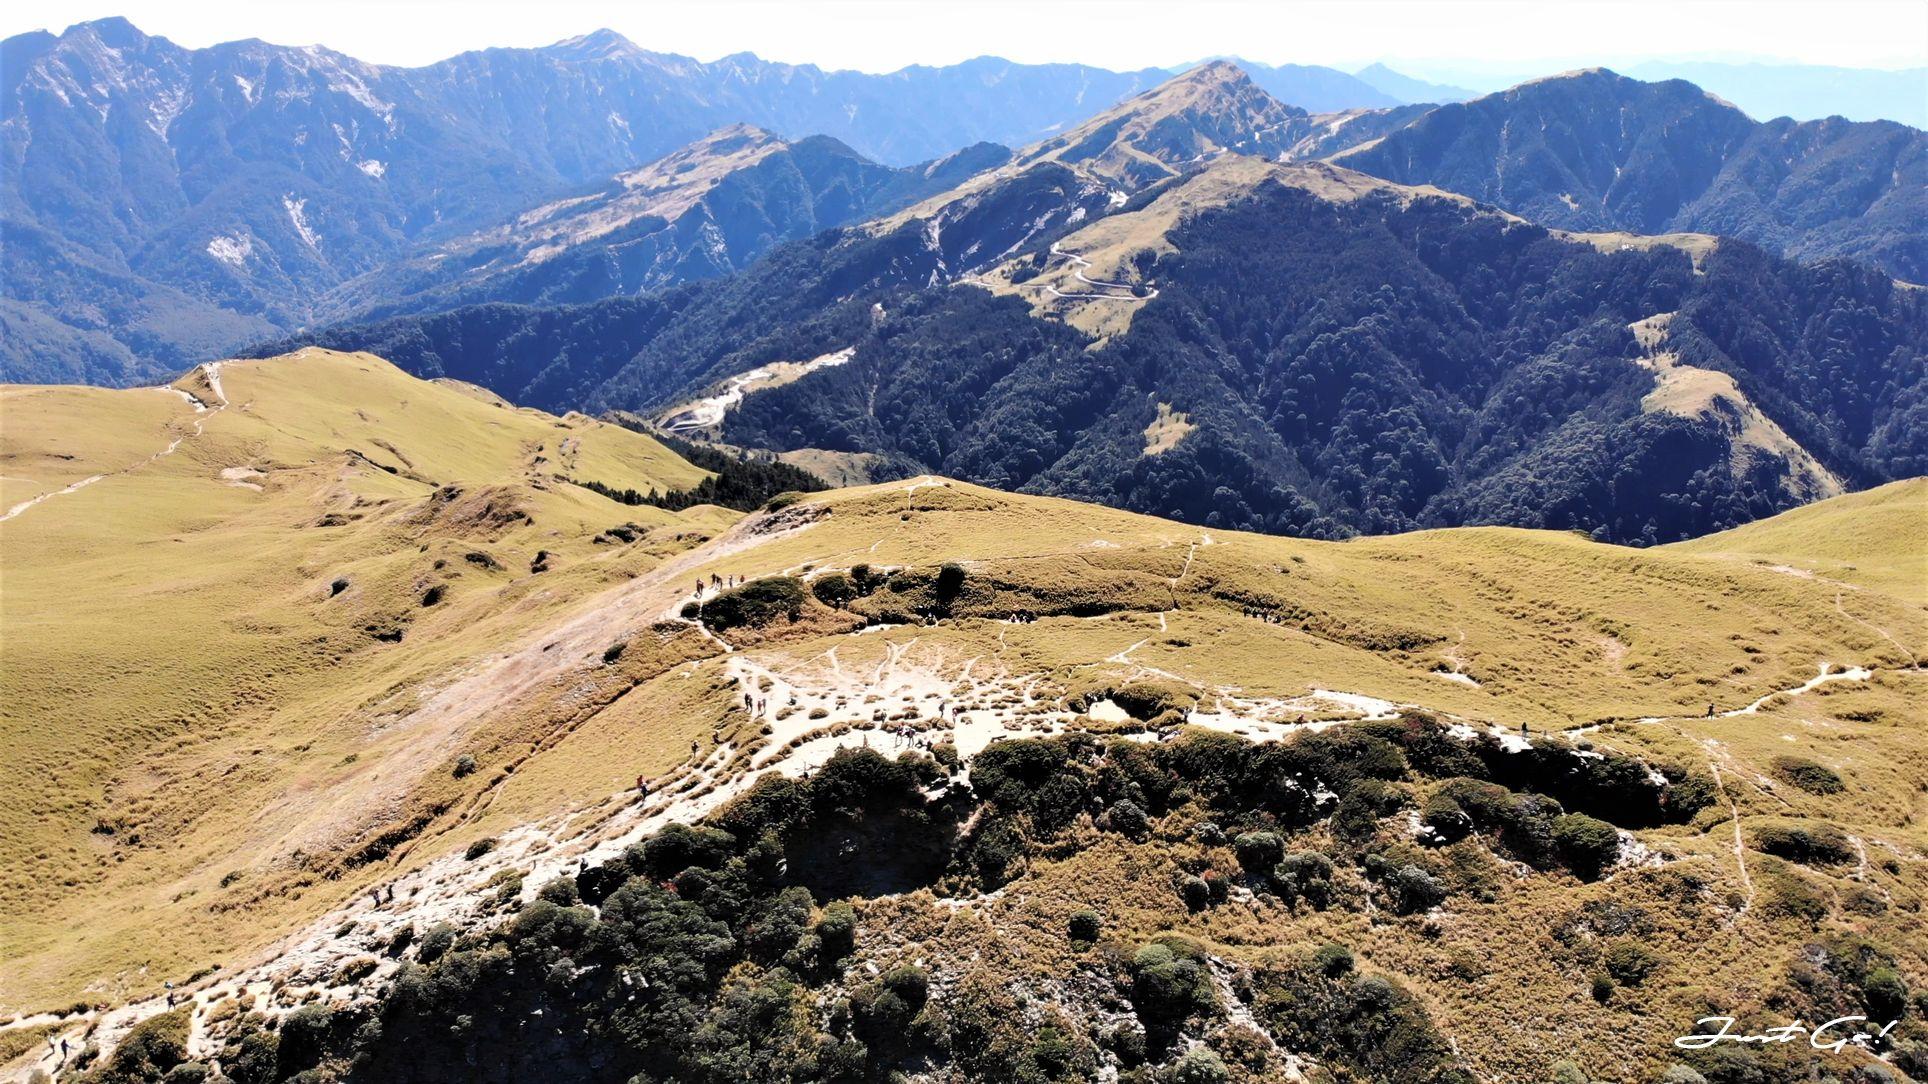 一日百岳·9小時單攻合歡西峰北峰-地圖gpx、行程規劃、申請、登山口42